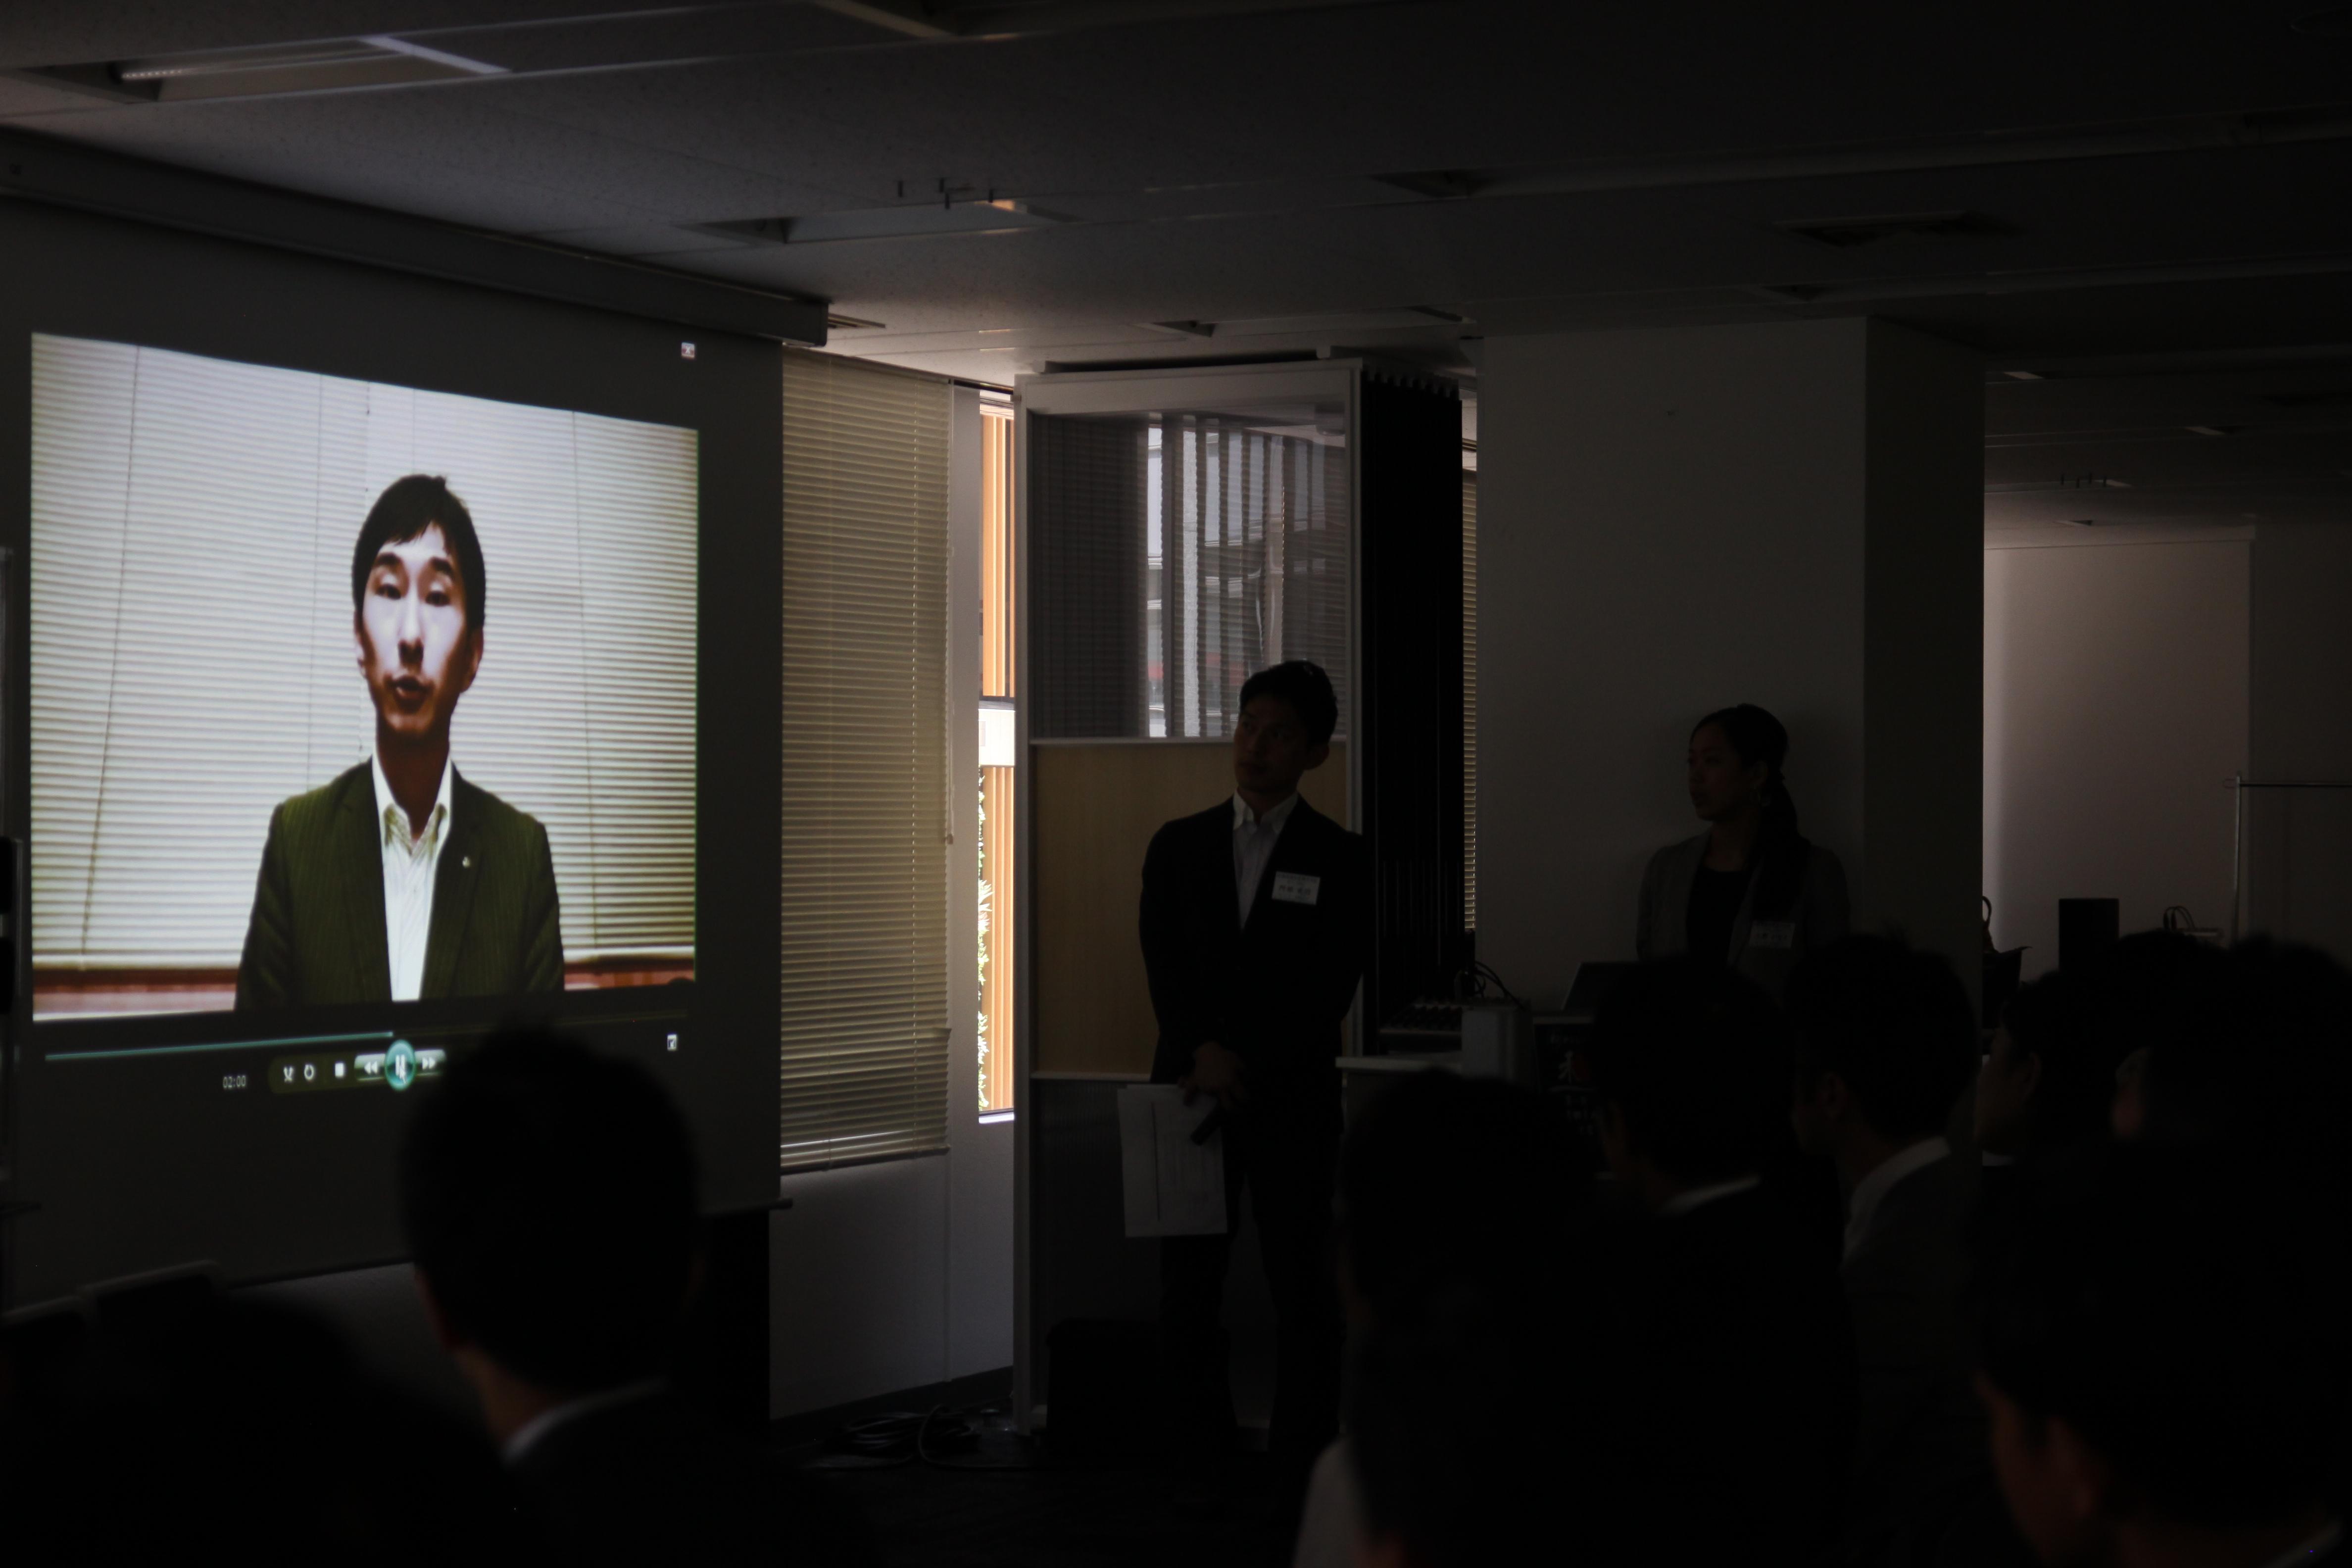 IMG 4543 - 関東若獅子の会、記念すべき第100回